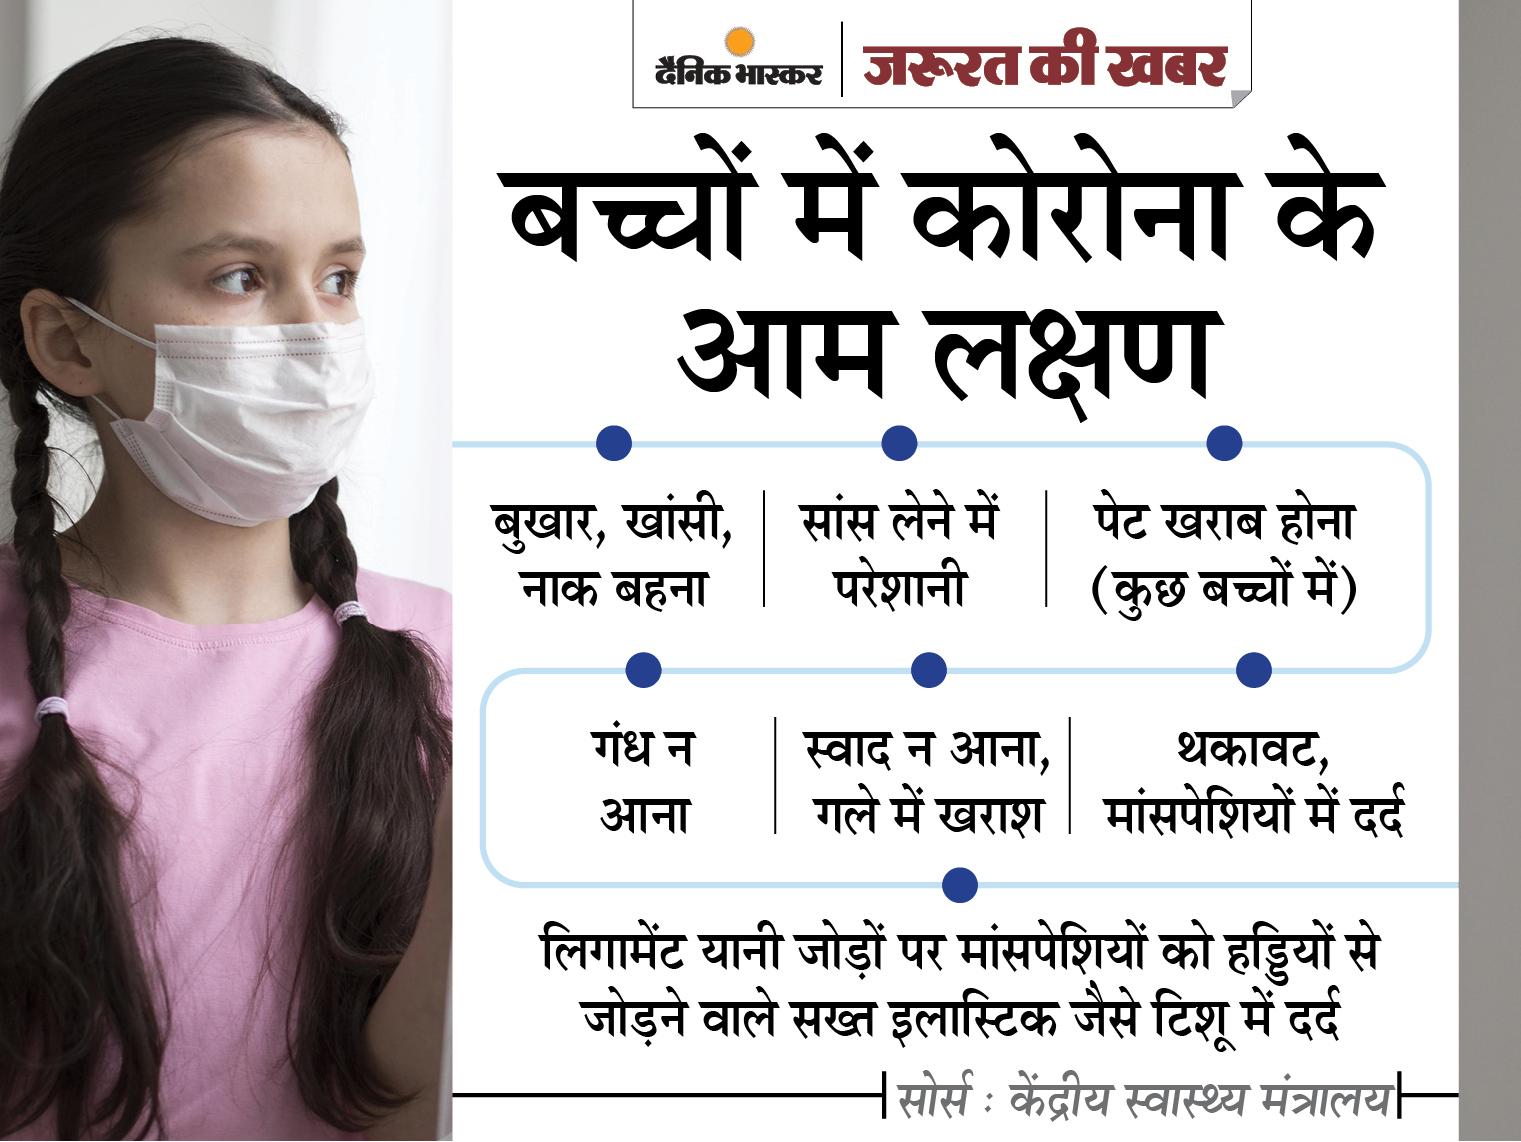 बच्चों को कोरोना हो जाए तो ज्यादातर मामलों में घर पर ही इलाज संभव, जानिए कैसे कर सकते हैं देखभाल|ज़रुरत की खबर,Zaroorat ki Khabar - Dainik Bhaskar